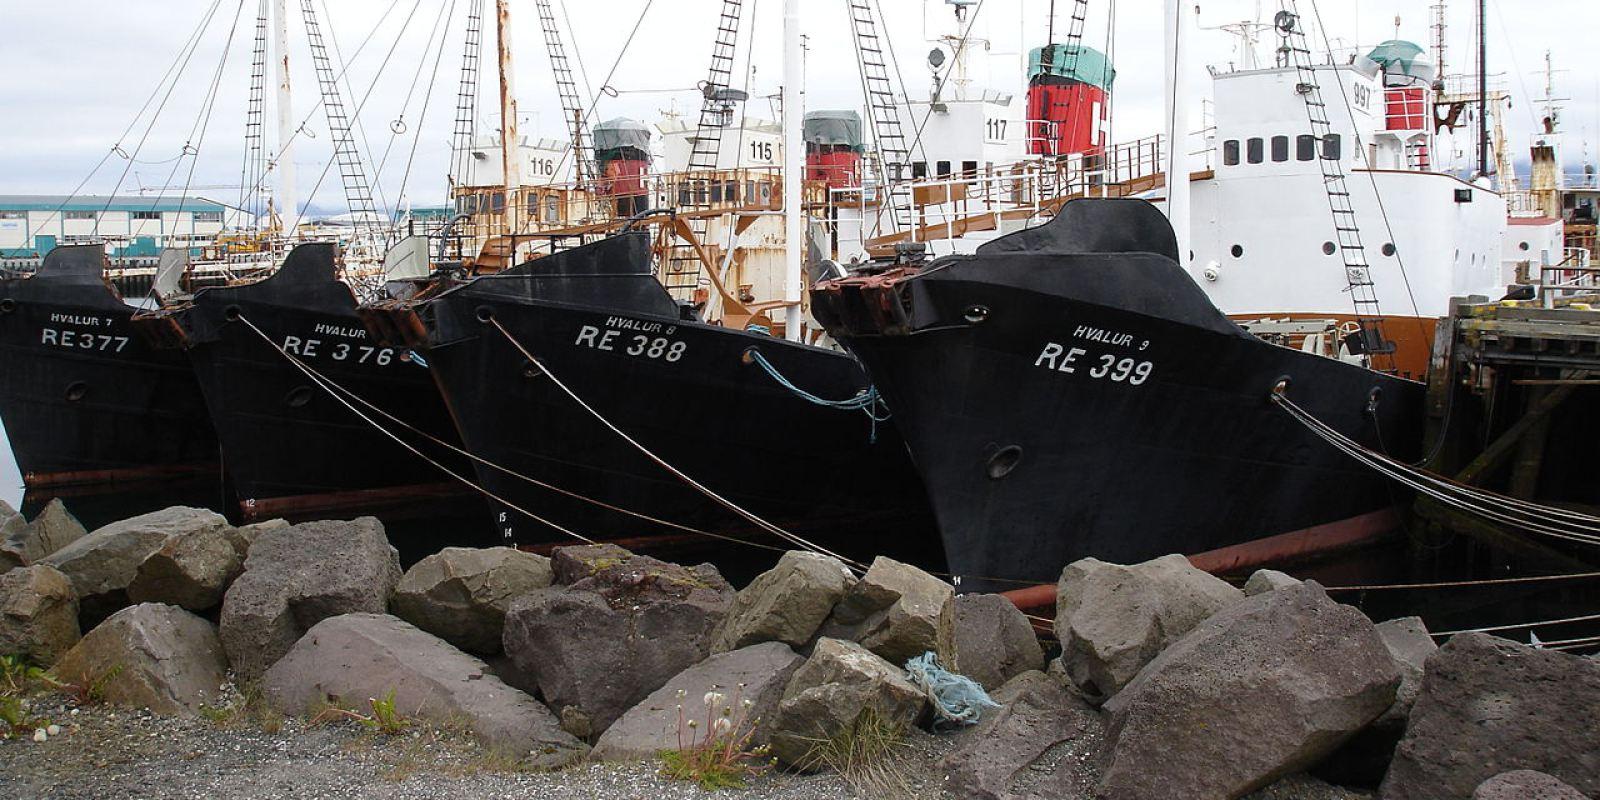 Mùa săn bắt cá voi đẫm máu tại Iceland - Ảnh 2